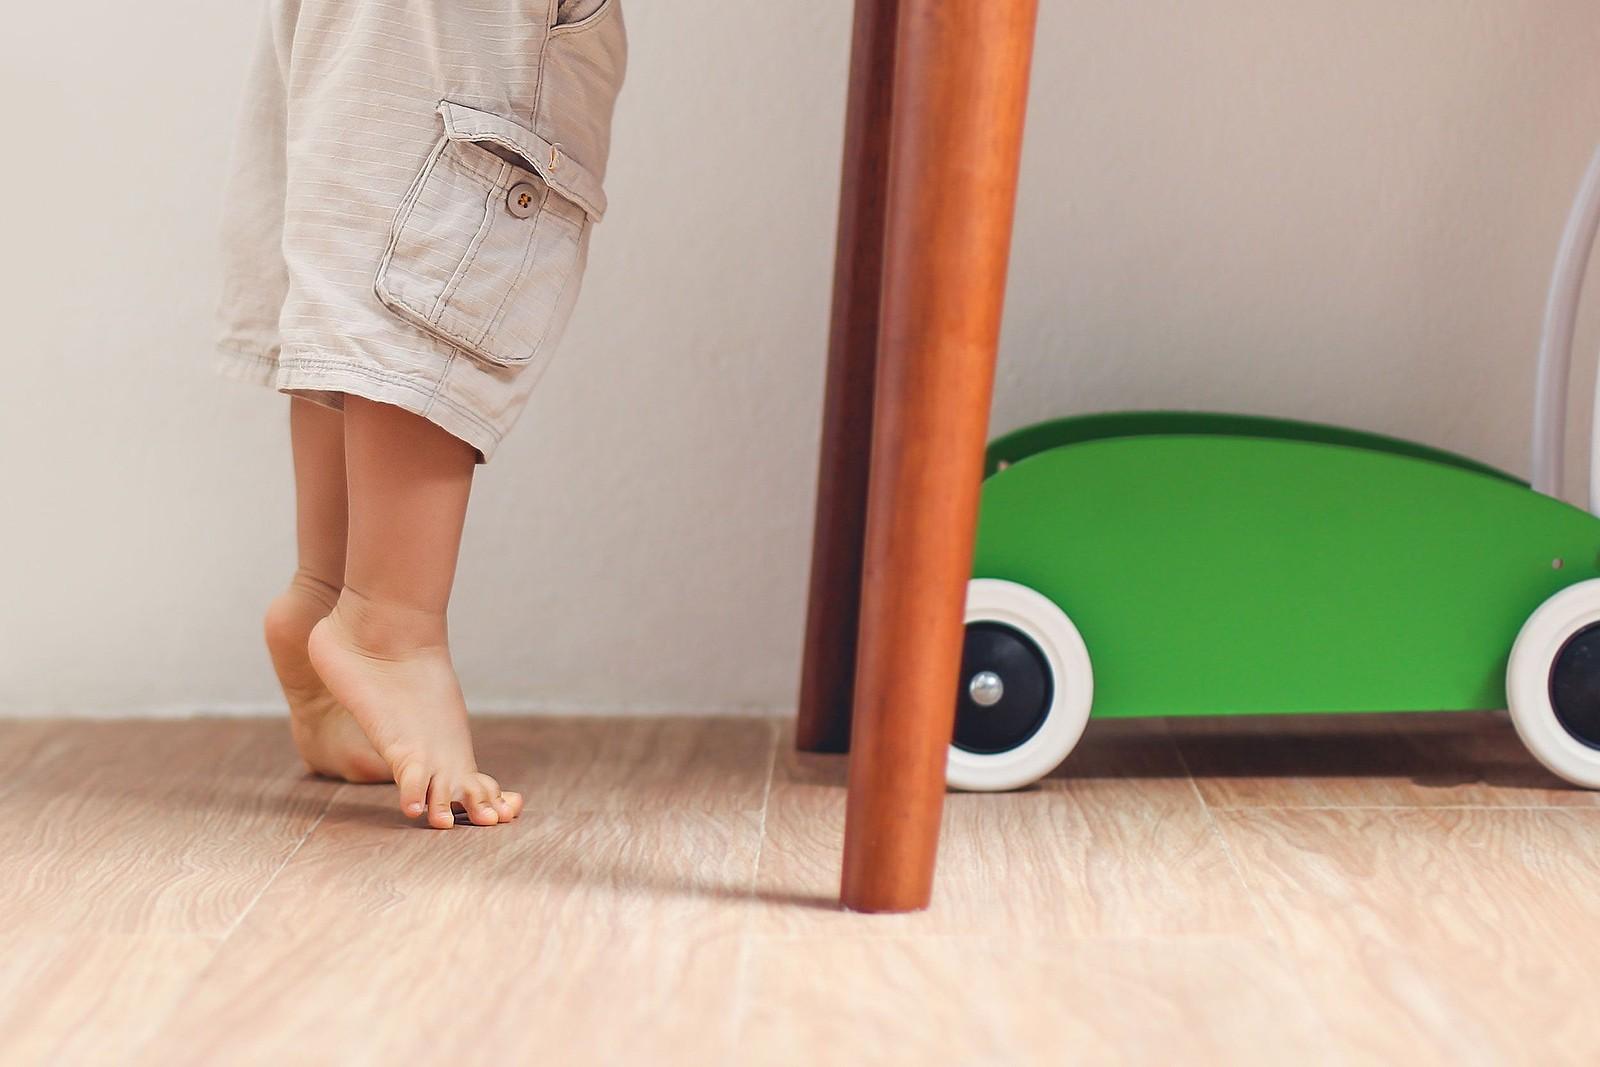 Fußboden Oder Wandheizung ~ Fußboden und wandheizung u2022 strahlungswärme u2022 hsh installatör